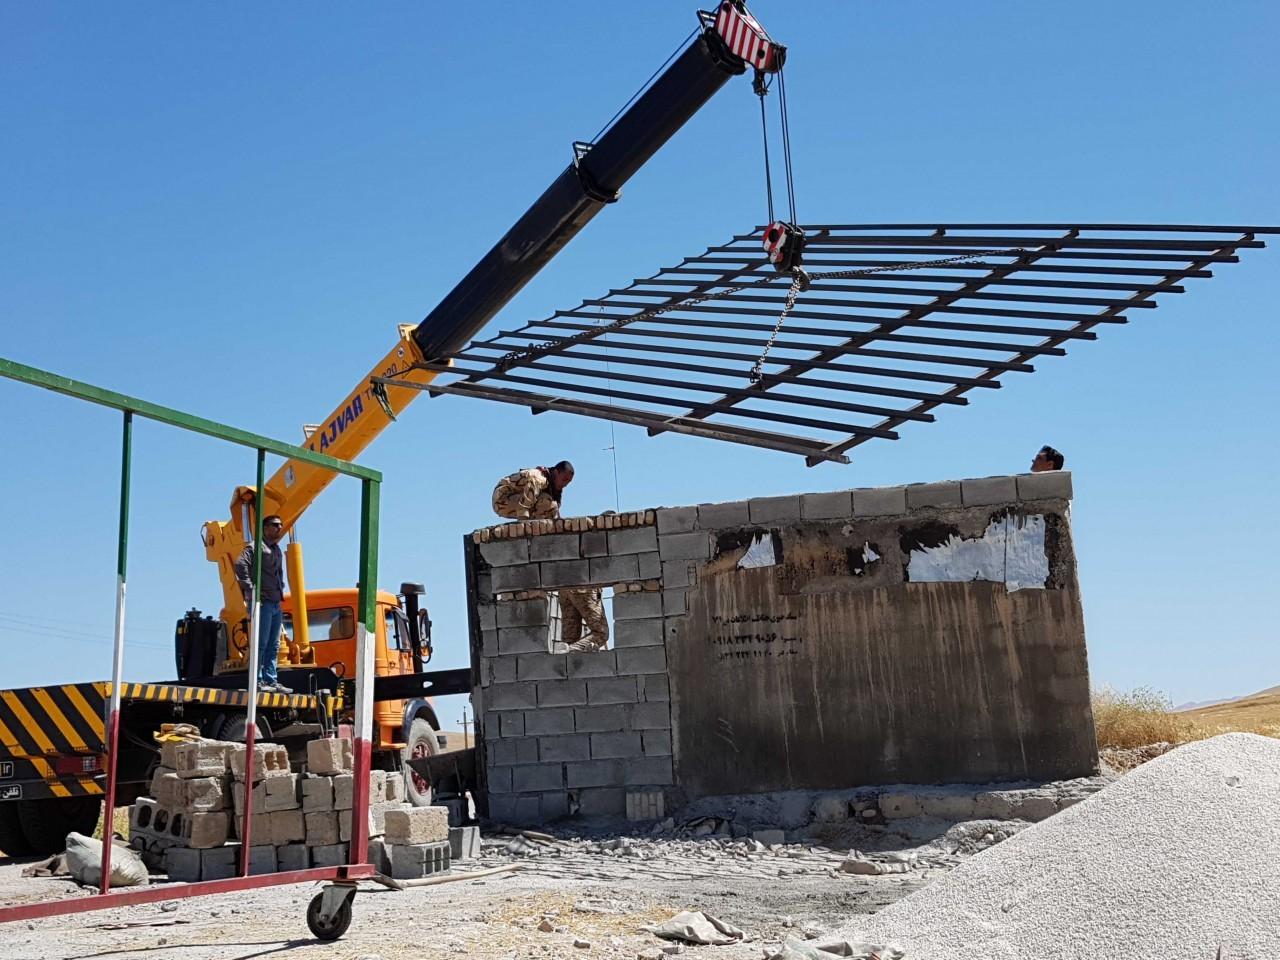 ساخت ایست بازرسی در منطقه قراویز جهت حفاظت از آهوها